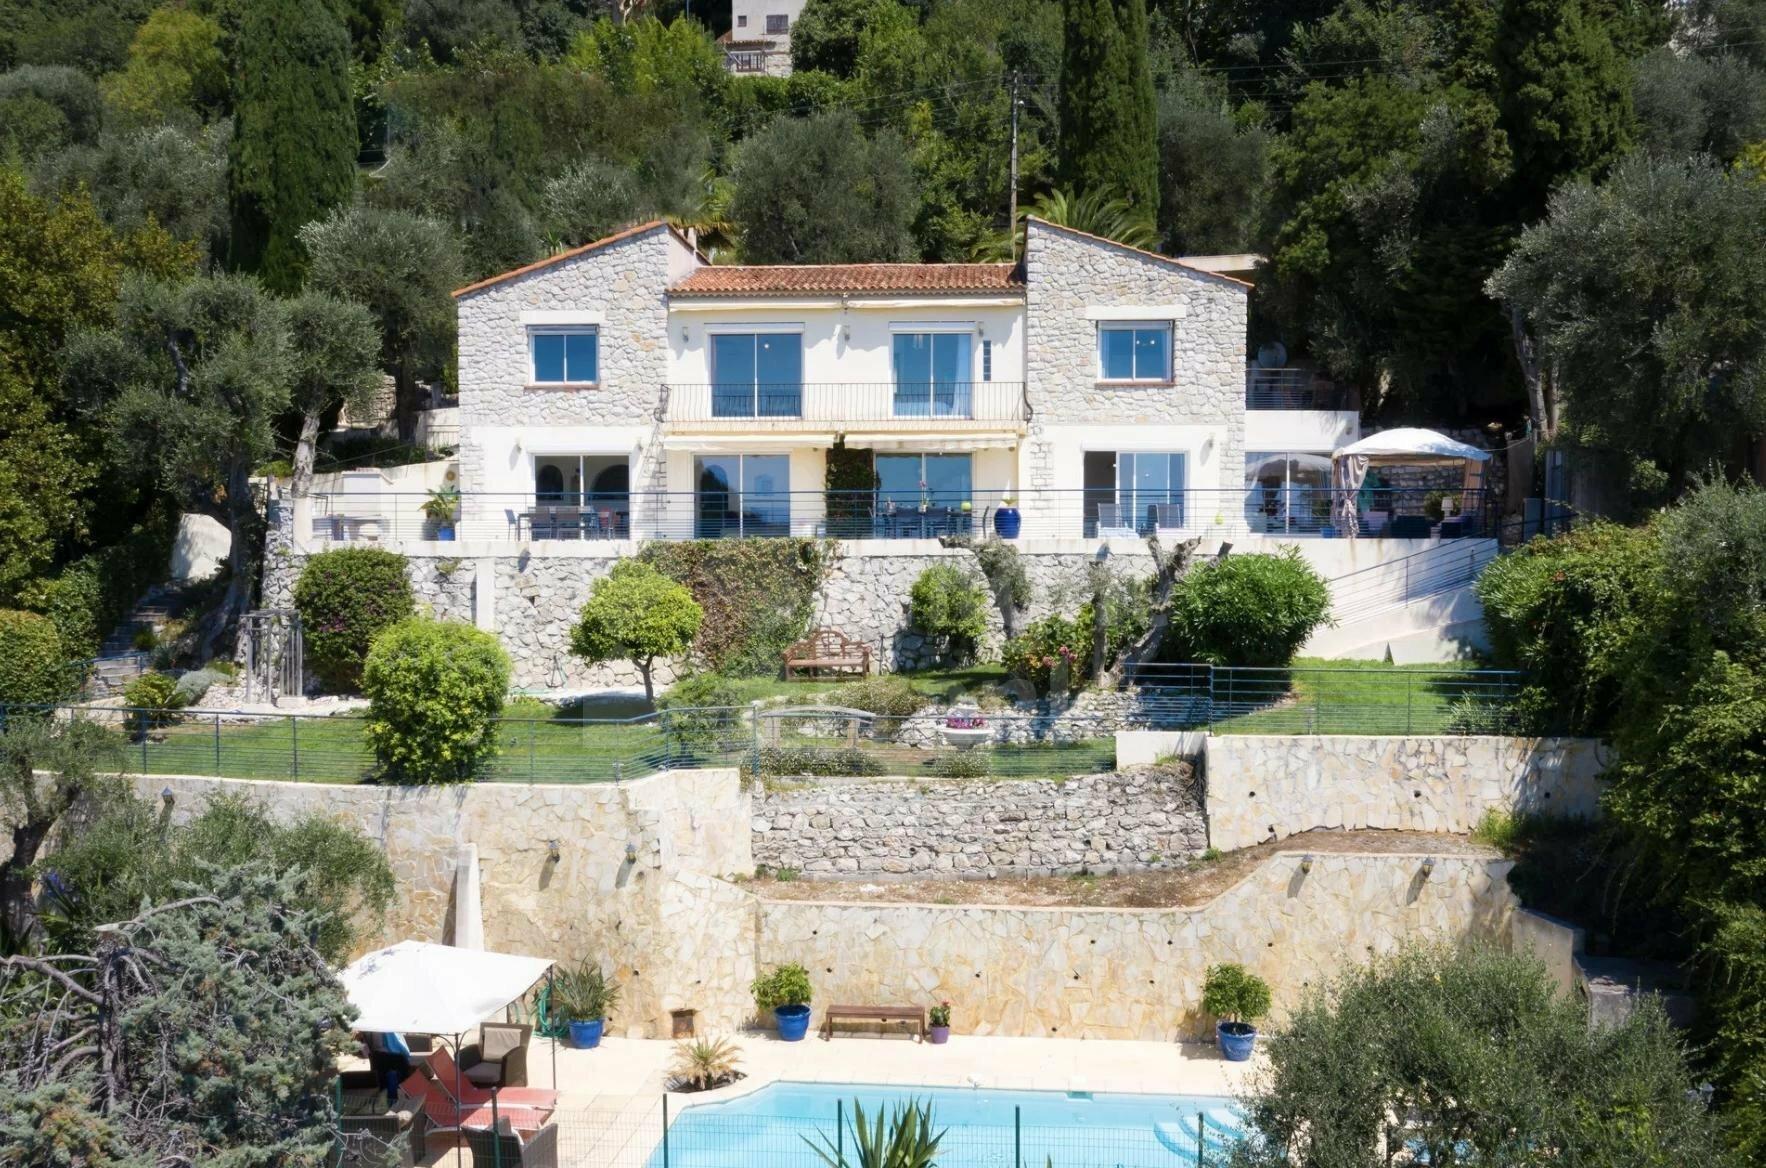 Villa in Villefranche-sur-Mer, Provence-Alpes-Côte d'Azur, France 1 - 11561997